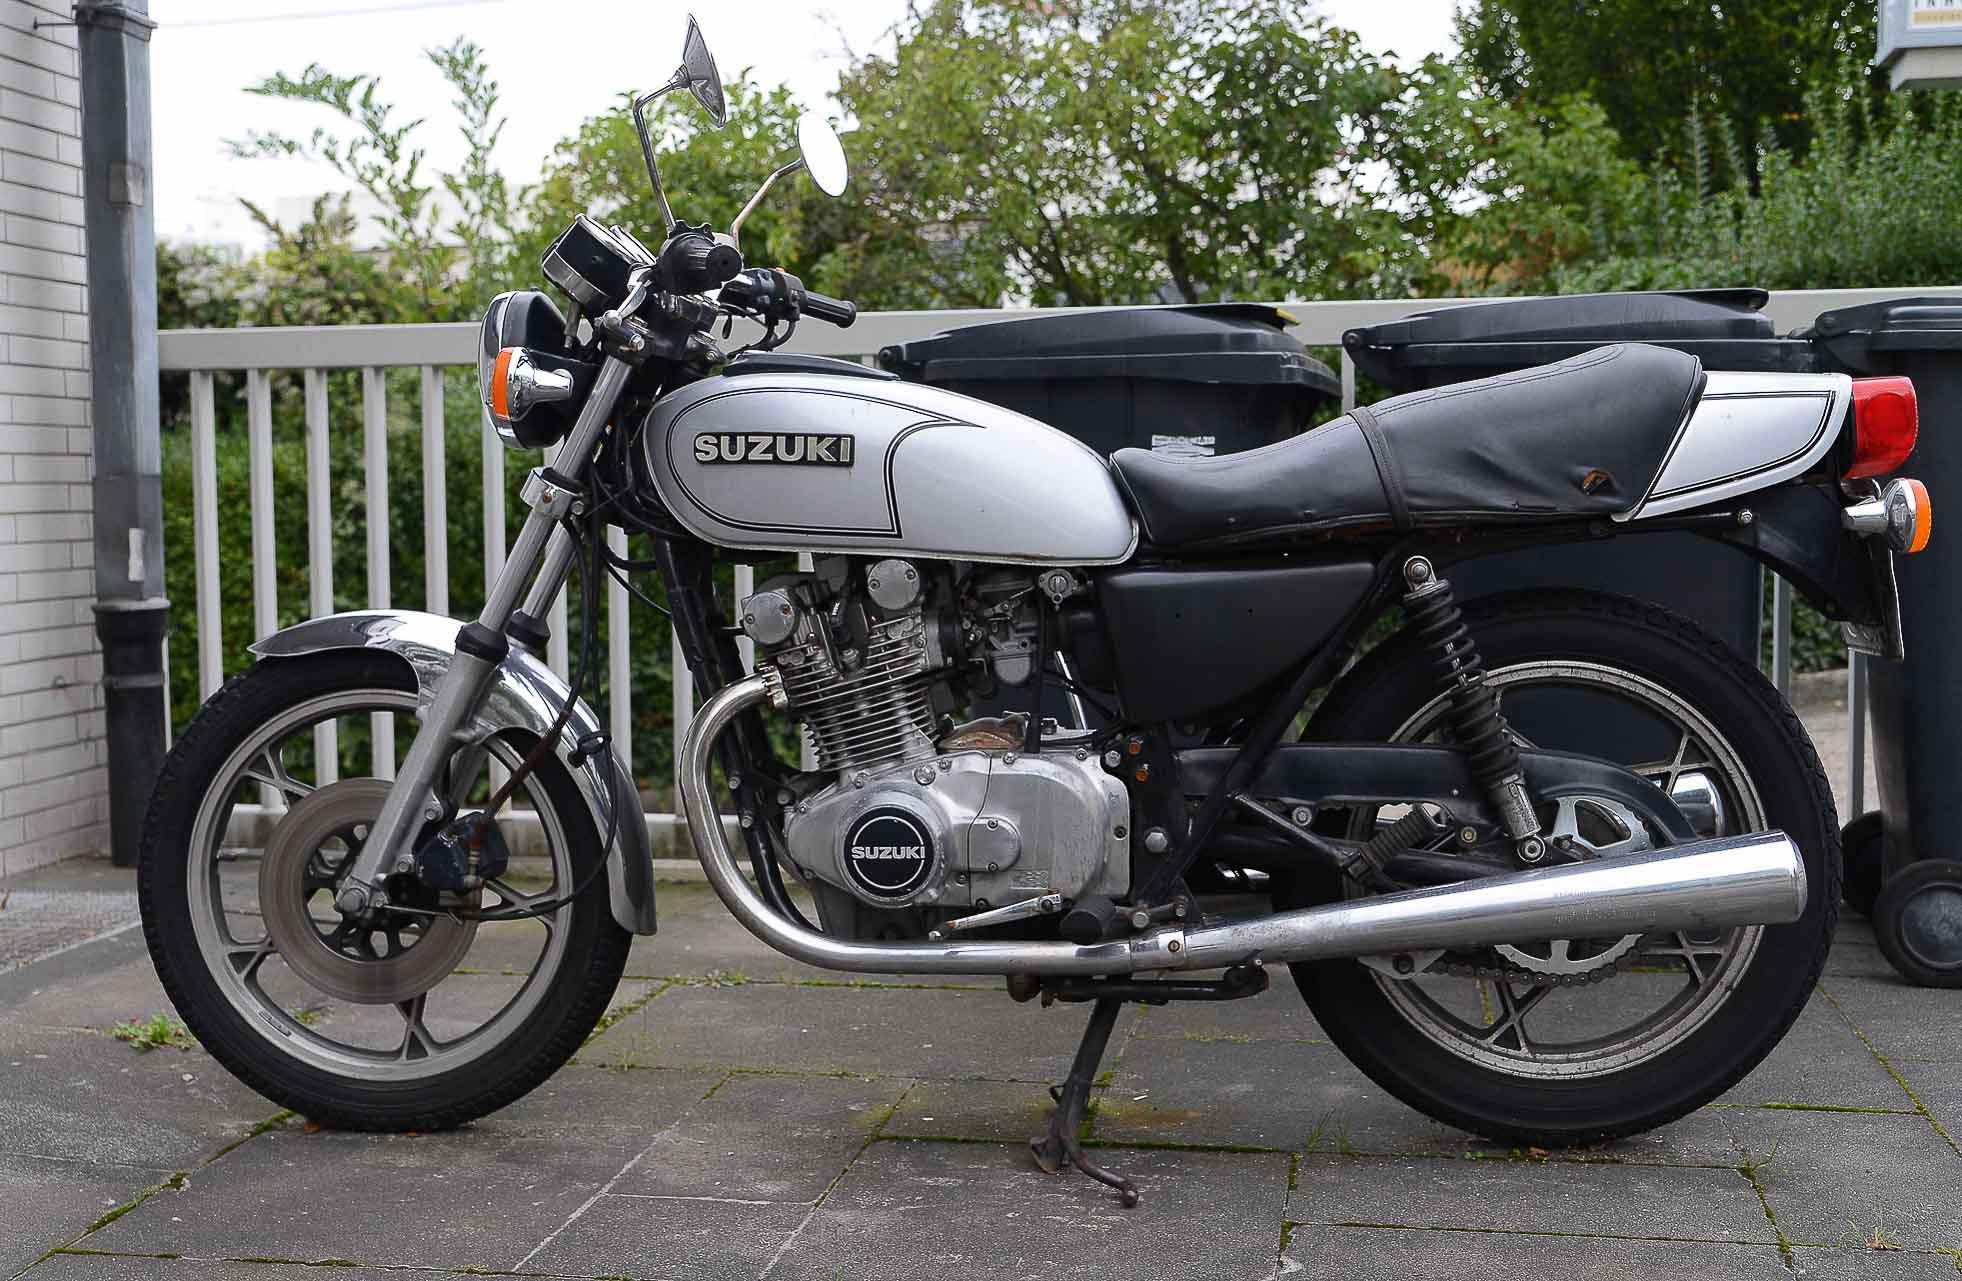 SUZUKI GS 400 (1976 - 1983)